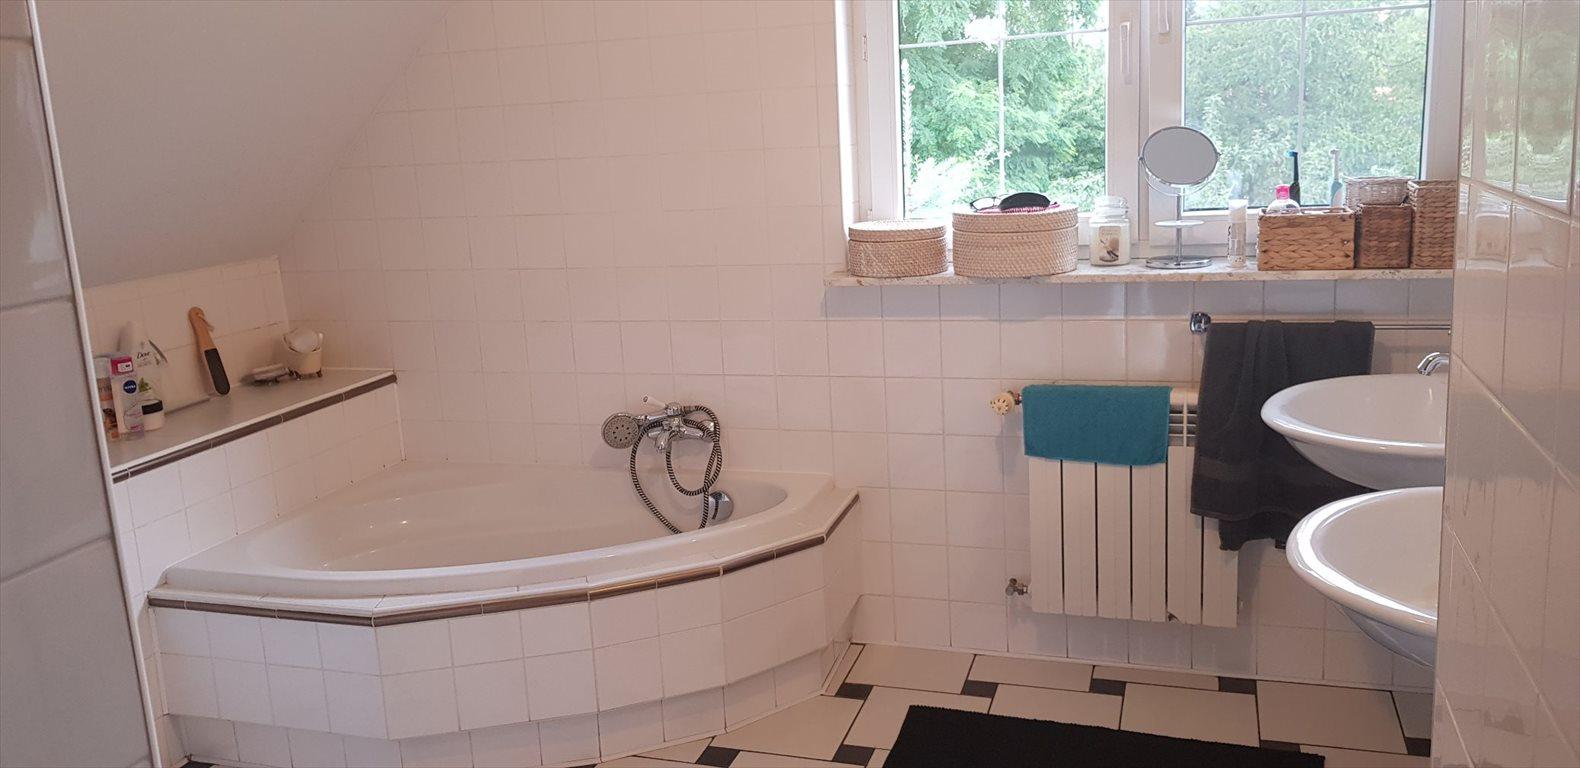 Dom na sprzedaż Zielątkowo, Suchy Las  146m2 Foto 3